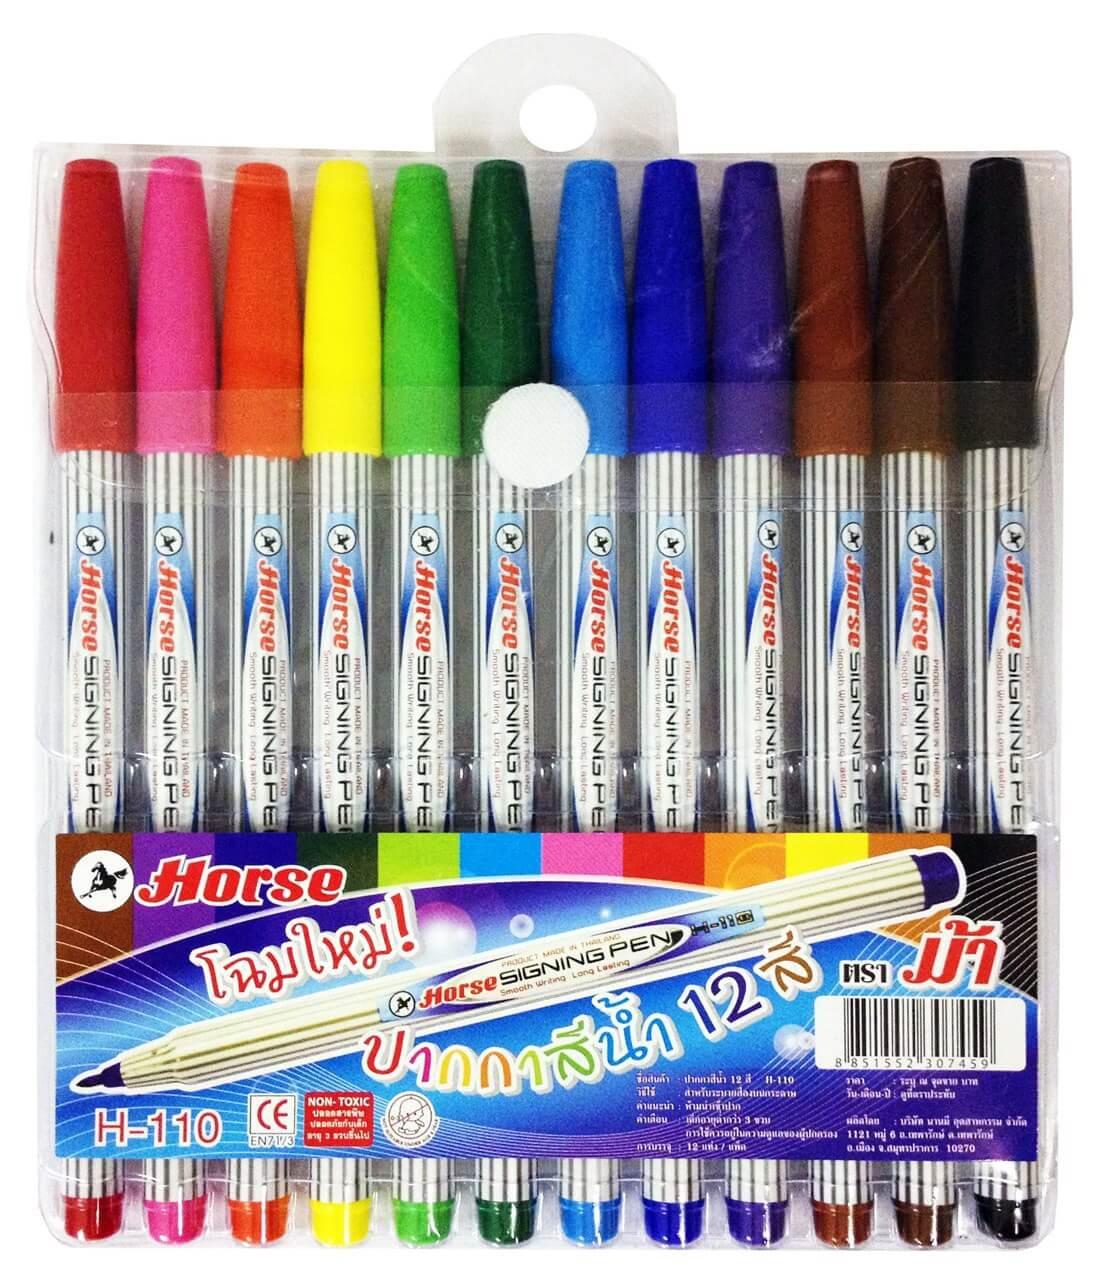 ปากกาเมจิก ตราม้า H-110 ชุด 12 สี